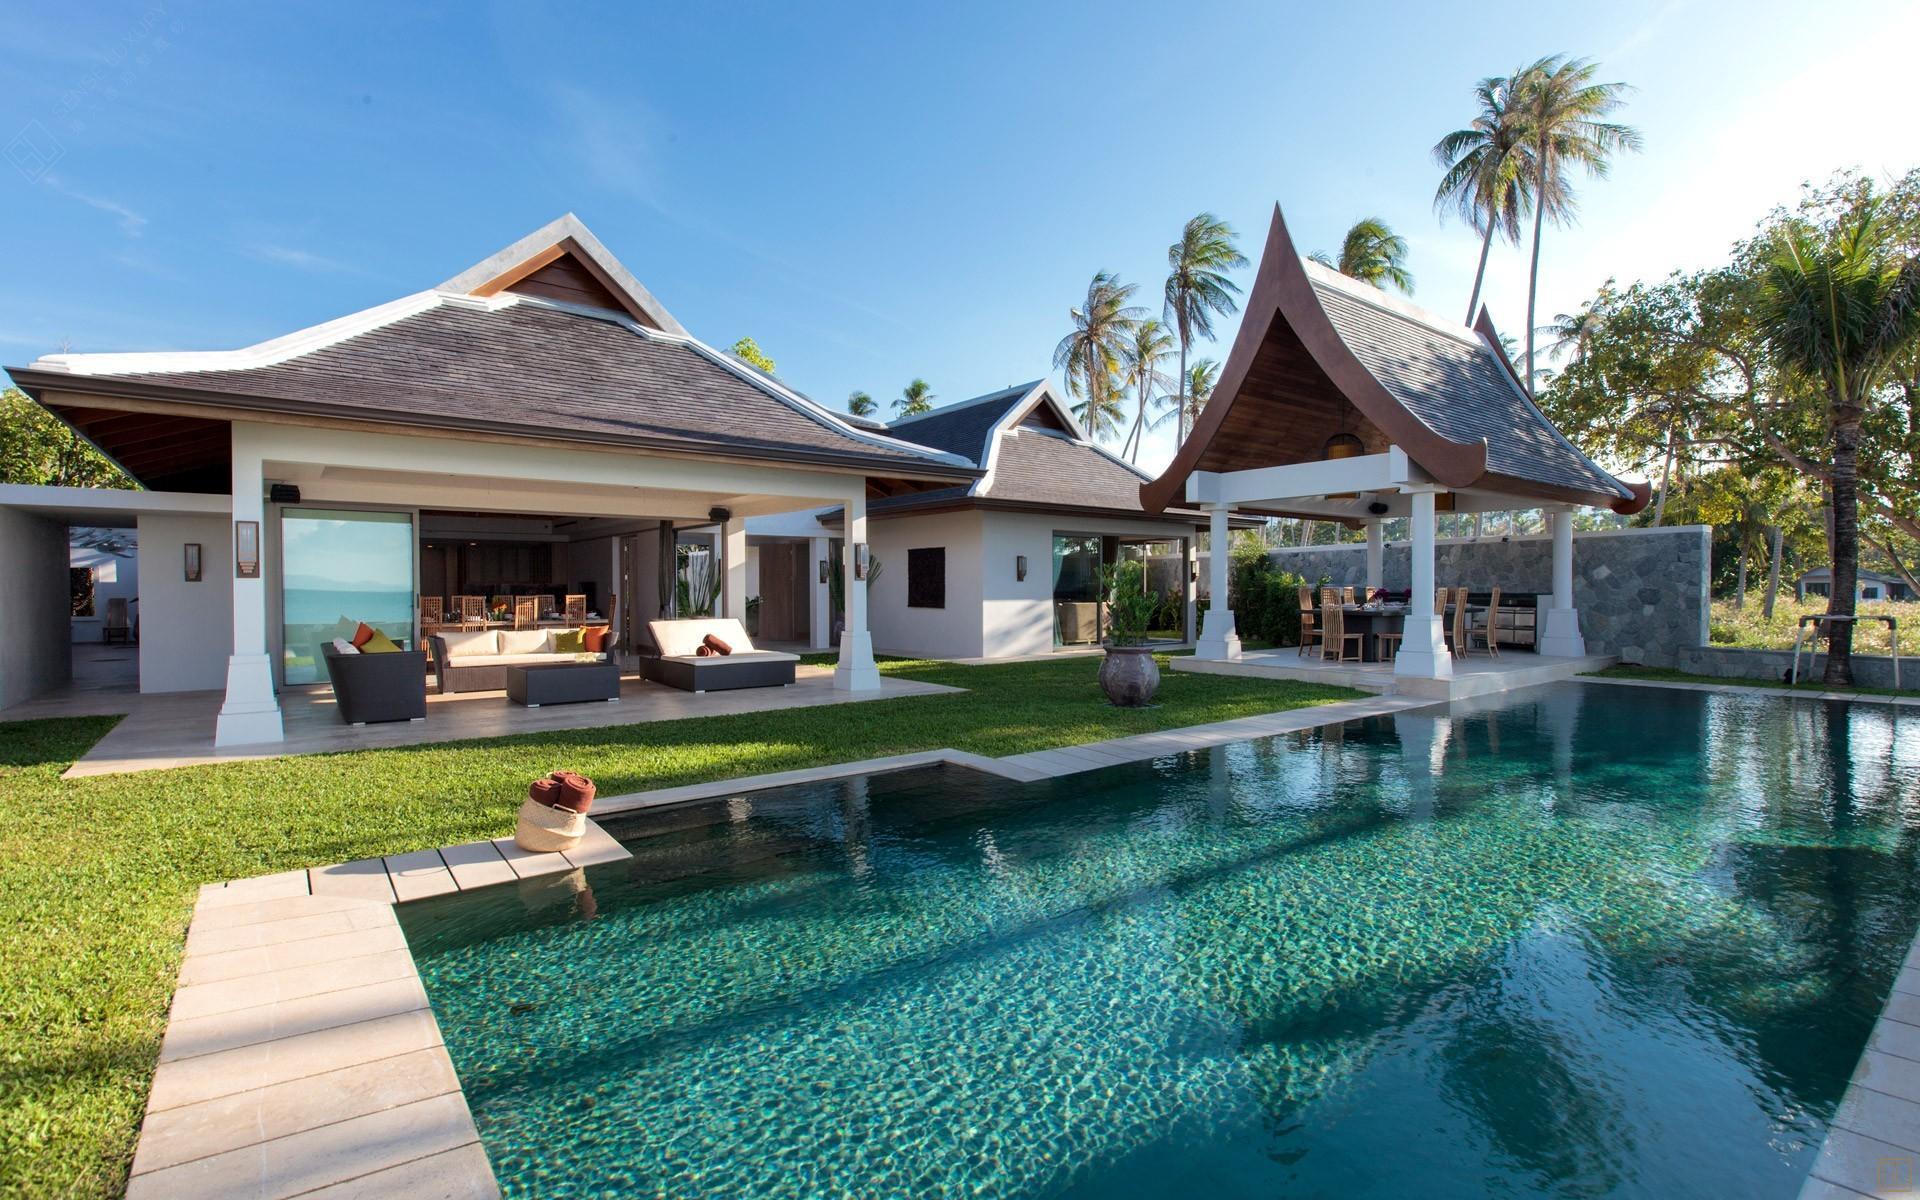 泰国苏梅岛密斯卡湾西拉别墅庭院